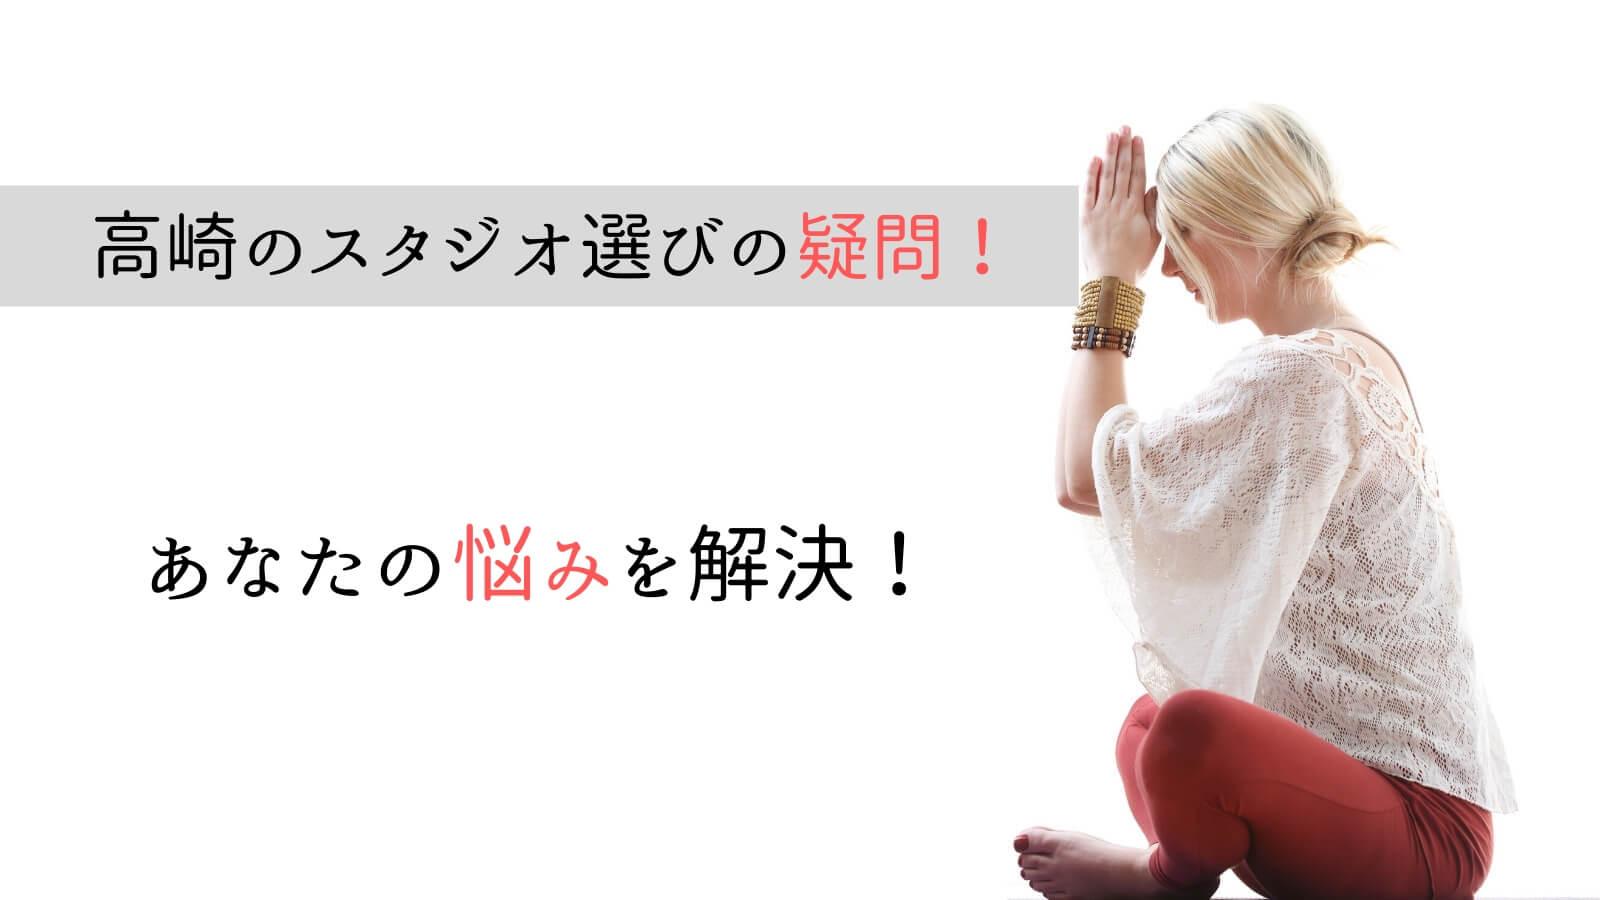 高崎でのヨガ・ホットヨガスタジオ選びに関するQ&A